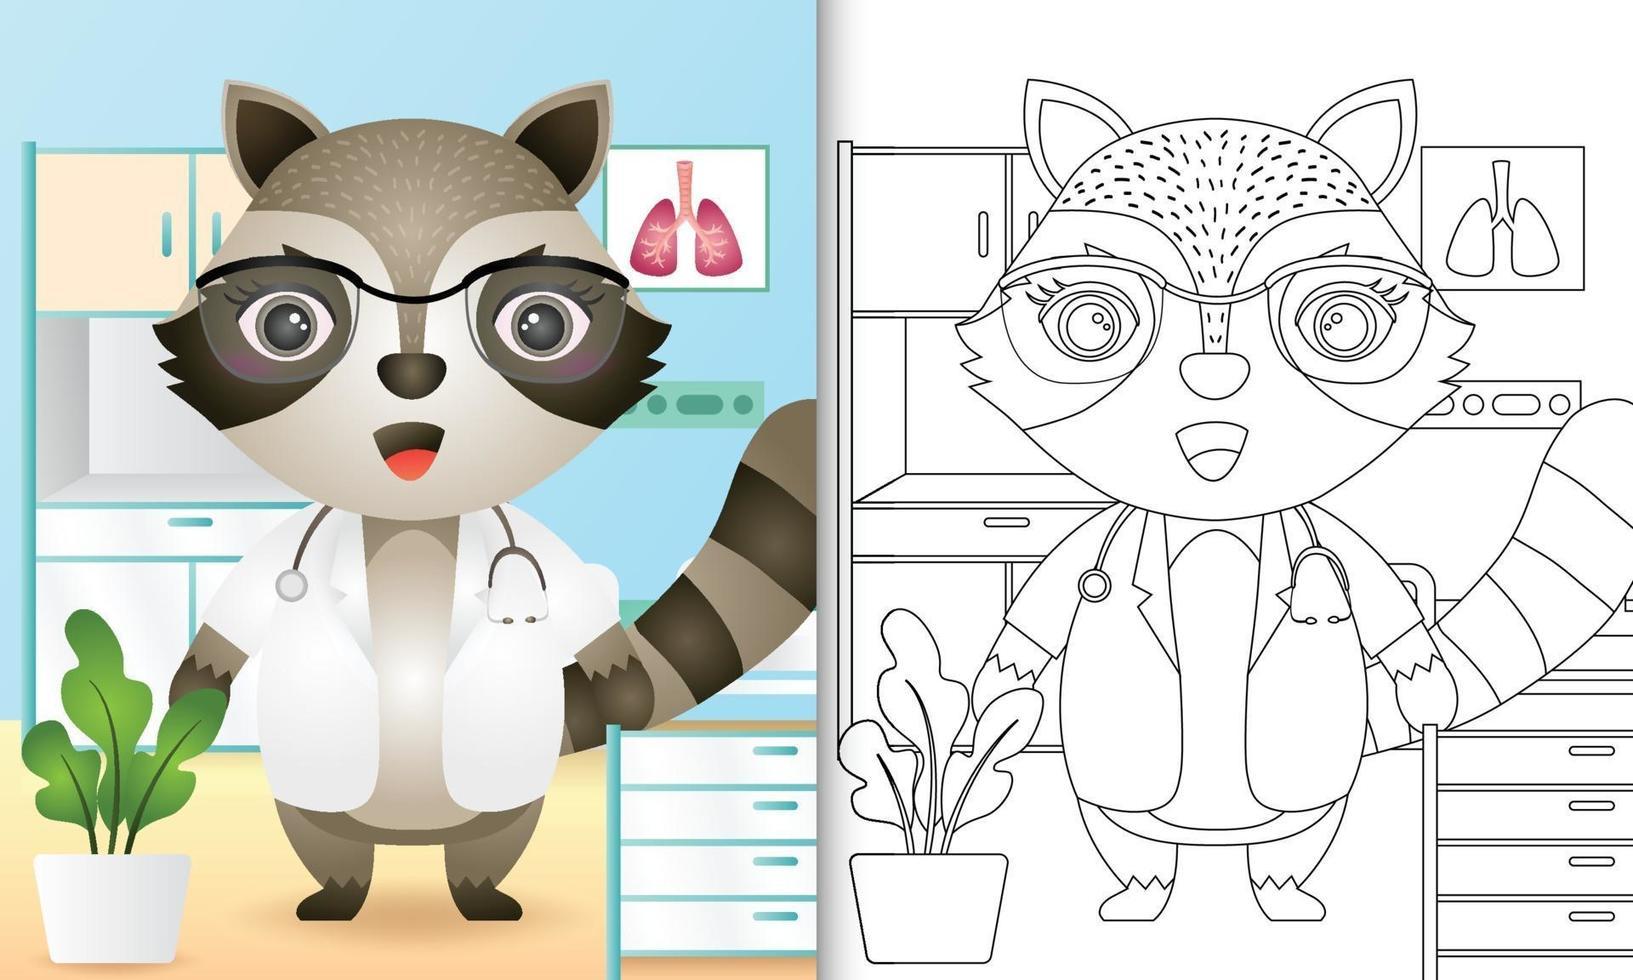 livre de coloriage pour les enfants avec une illustration de personnage mignon médecin raton laveur vecteur